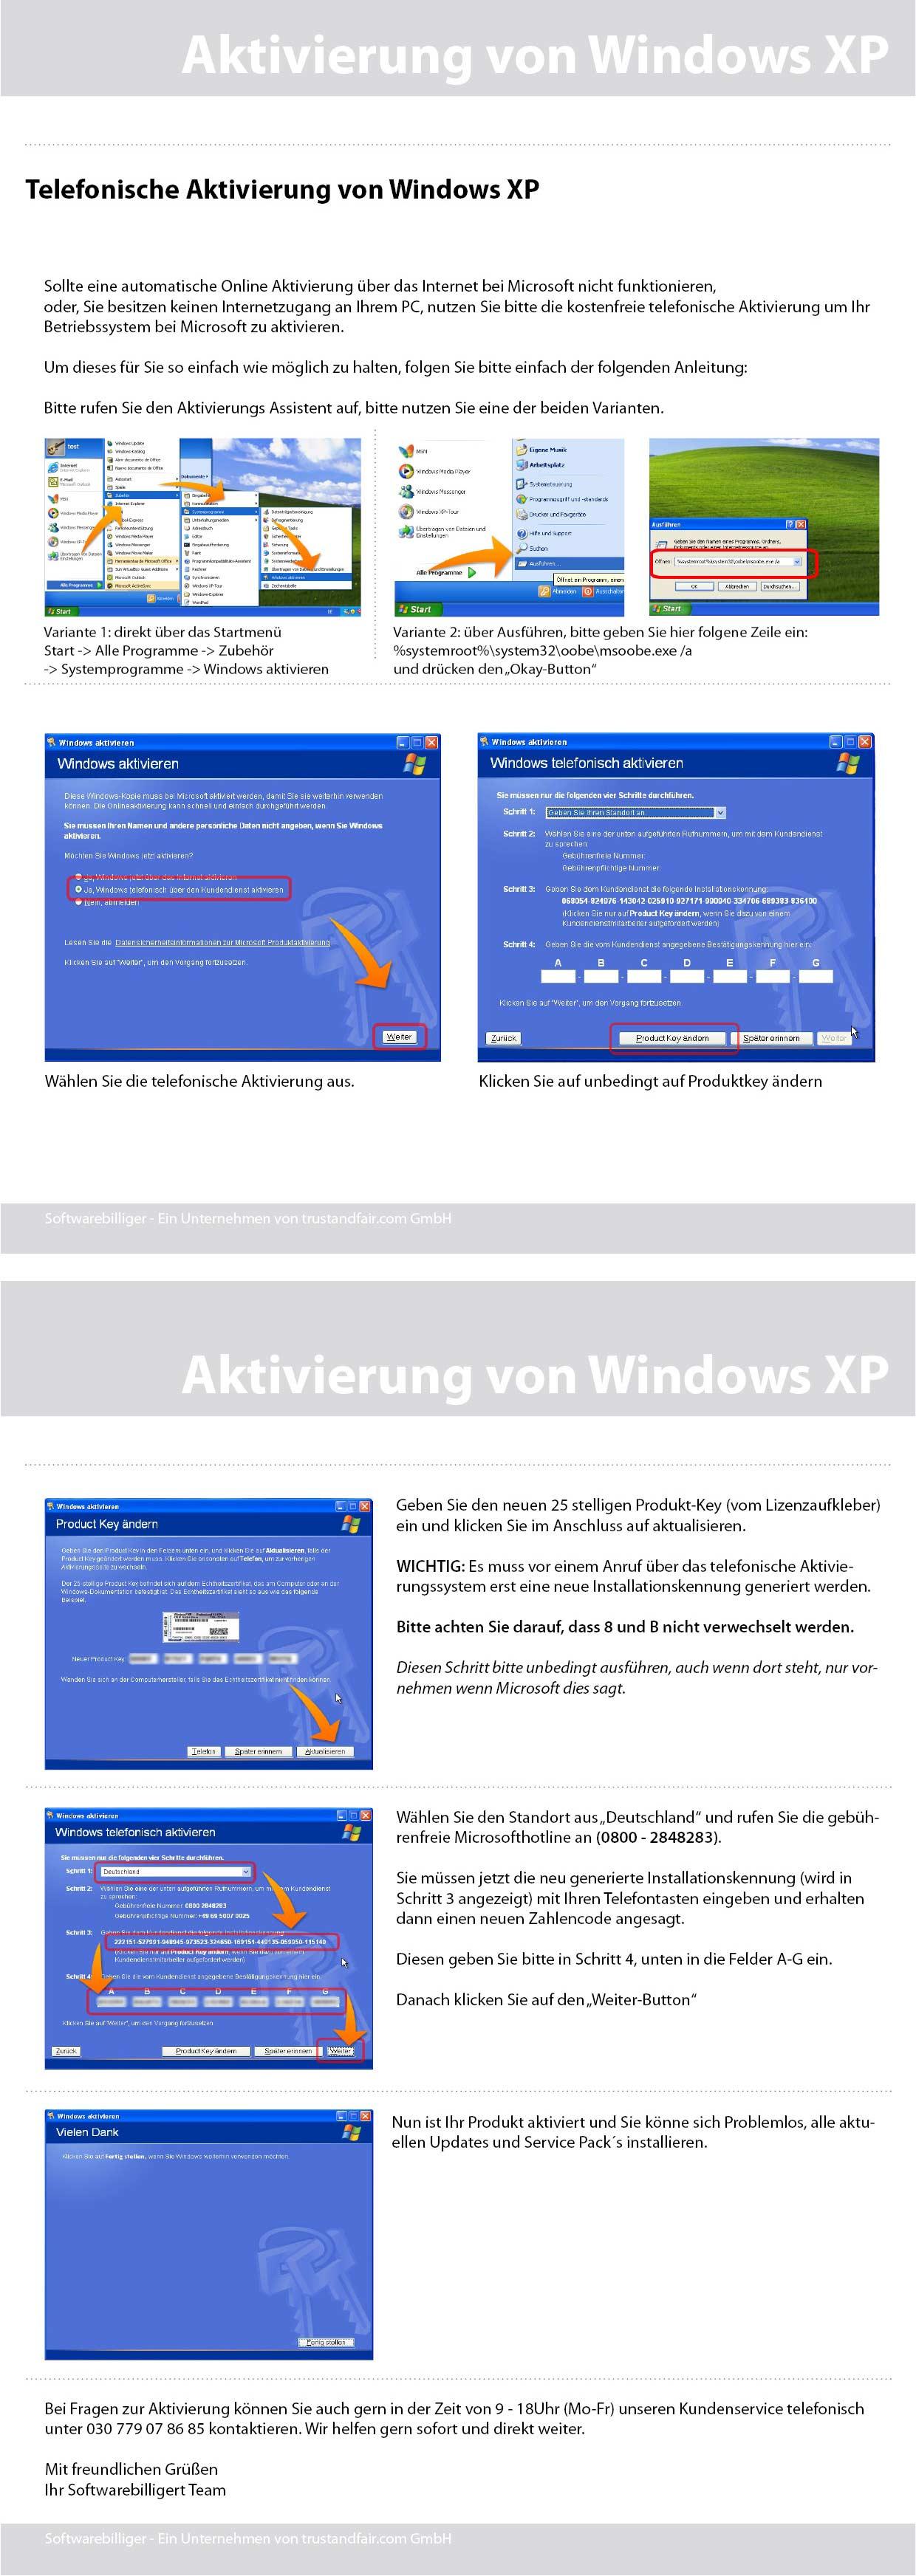 Windows XP kann nicht aktiviert werden. Wenn die Internetaktivierung nicht ...